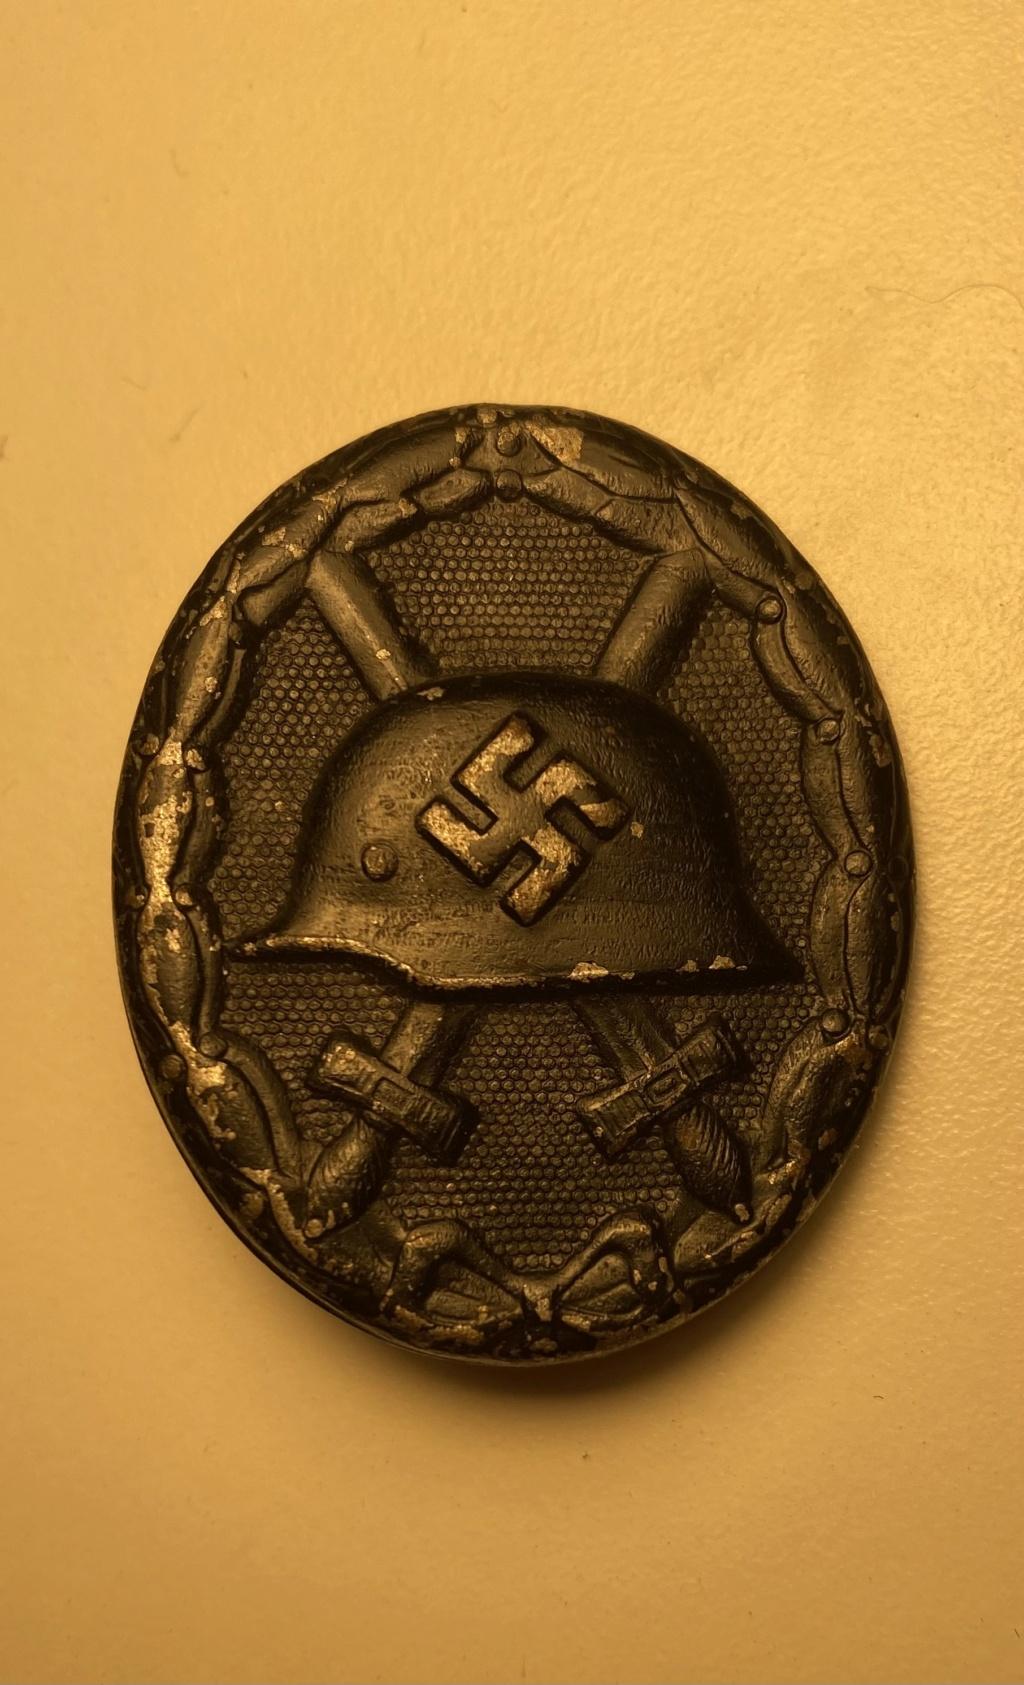 Authentification insigne des blessés allemand ww2  021fdc10